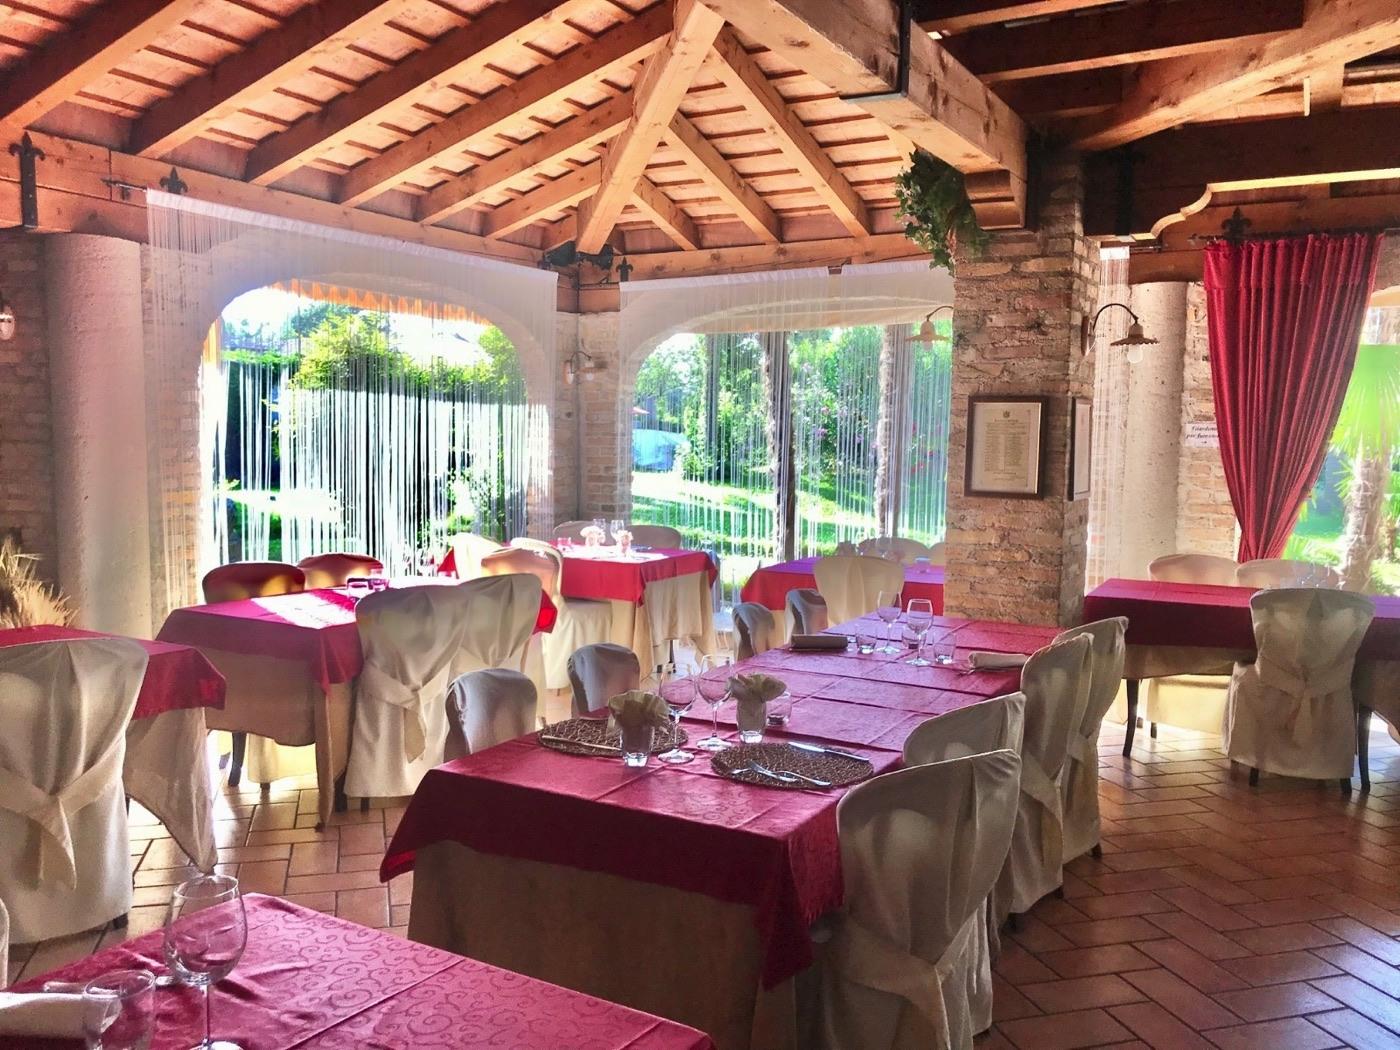 14 veranda giardino ristorante eventi cerimonie Eventi e cerimonie, Veranda esterna e giardino | Ristorante Rivignano Friuli